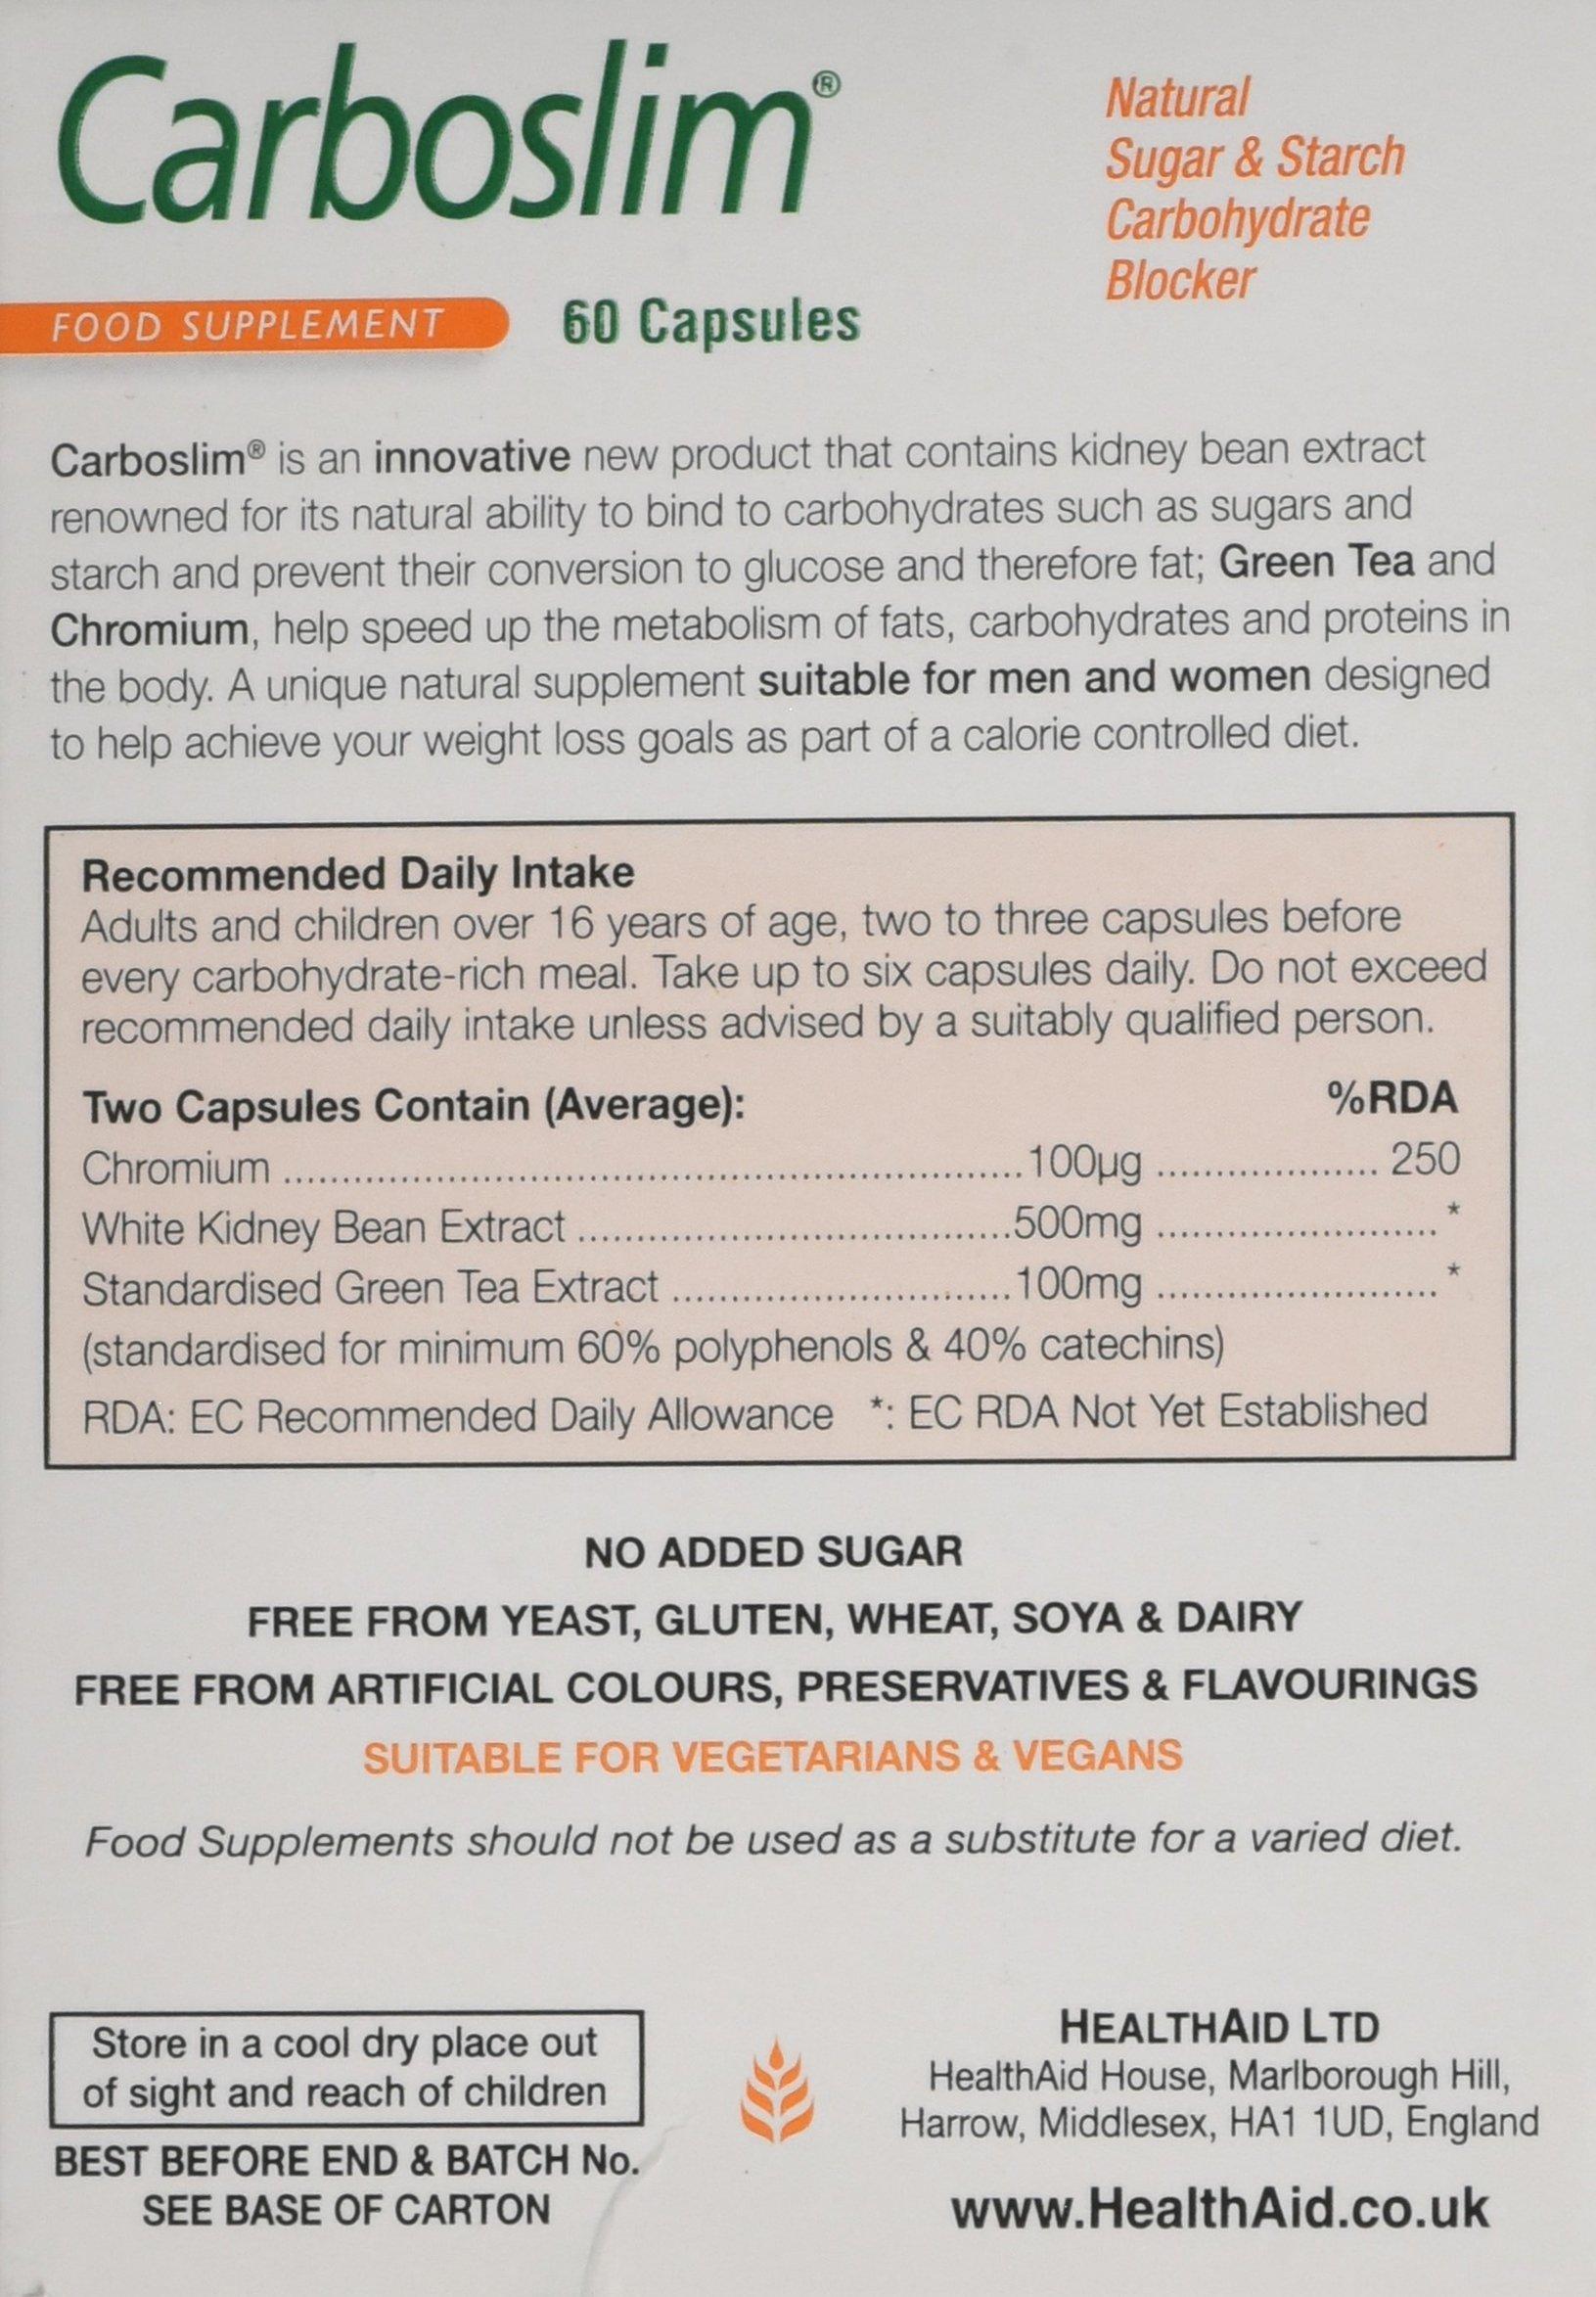 81YyVSGs9kL - HealthAid Carboslim - Kidney Bean Extract - 60 Vegan Capsules